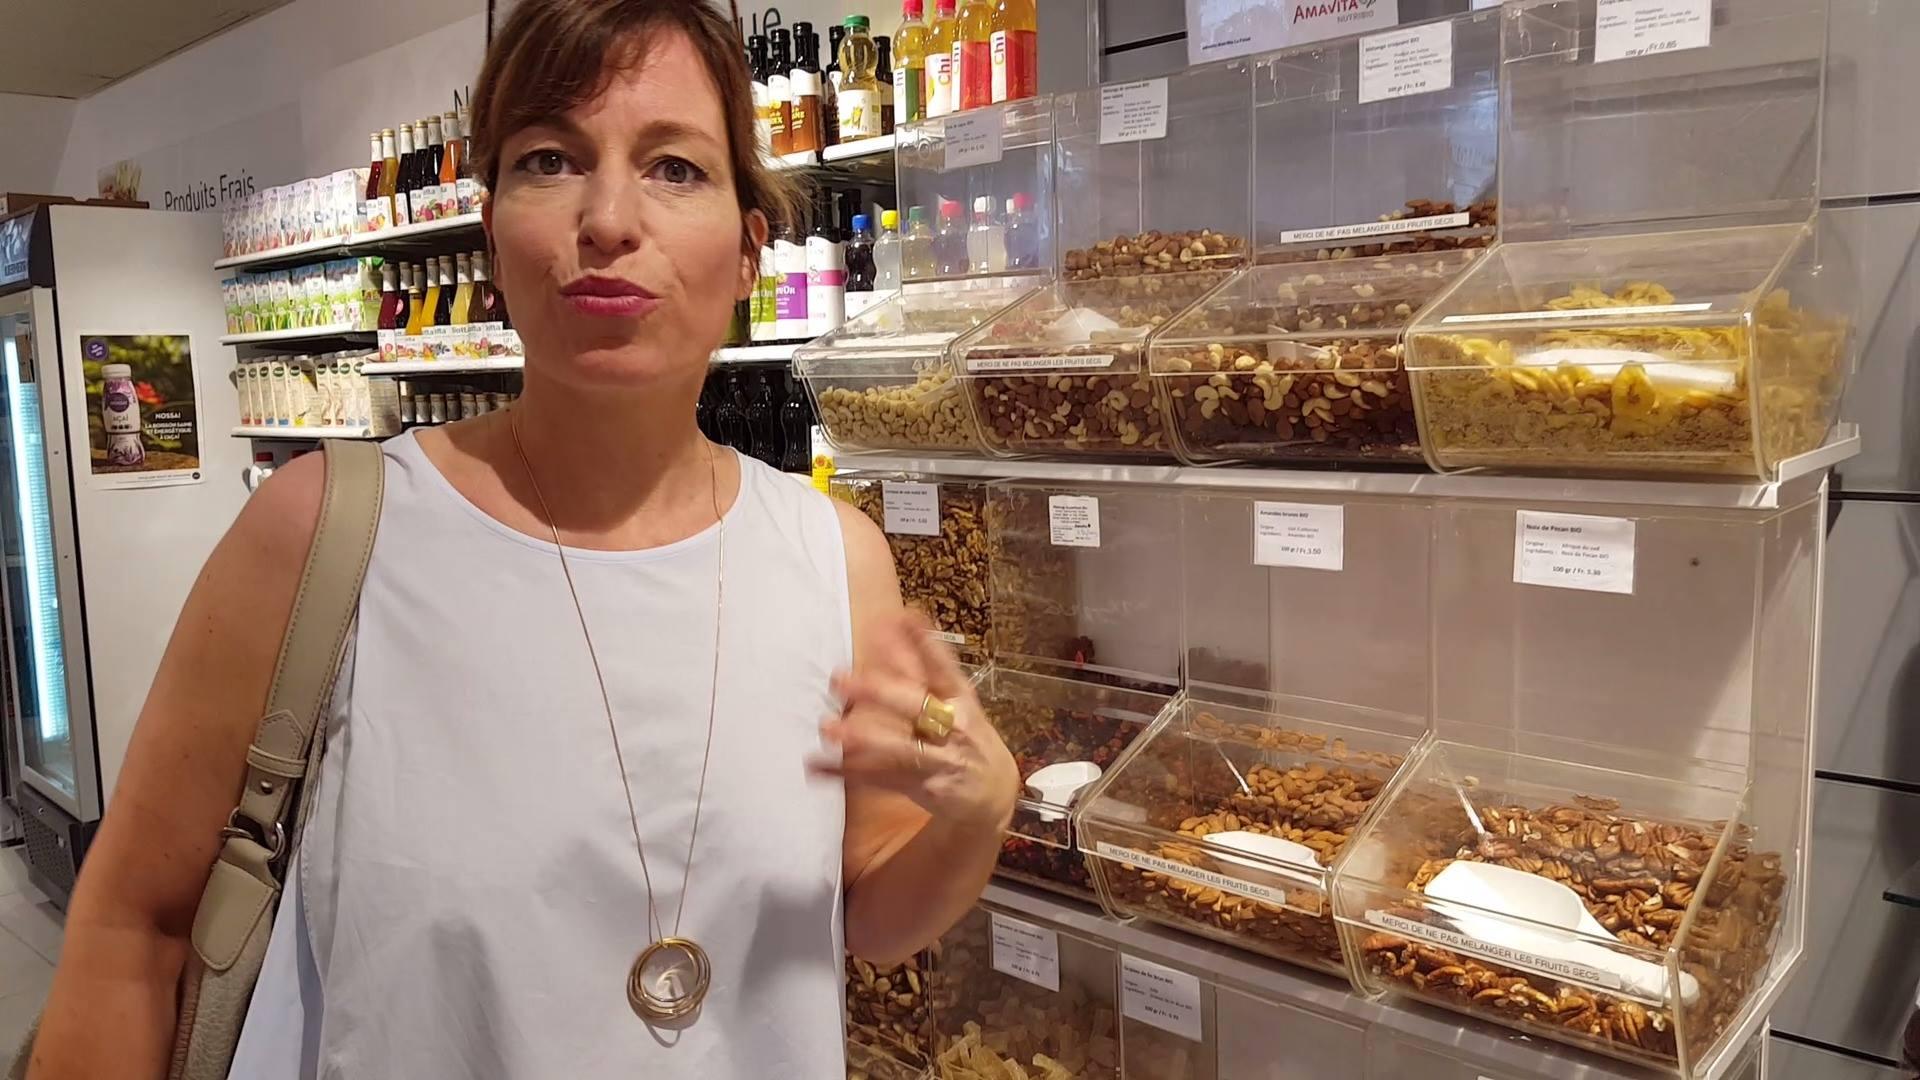 Que manger en cas de fringale? La banane est-ce vraiment un bon plan? Les conseils de notre spécialiste nutrition, Birgit Boislard, www.coach-nutrition.ch